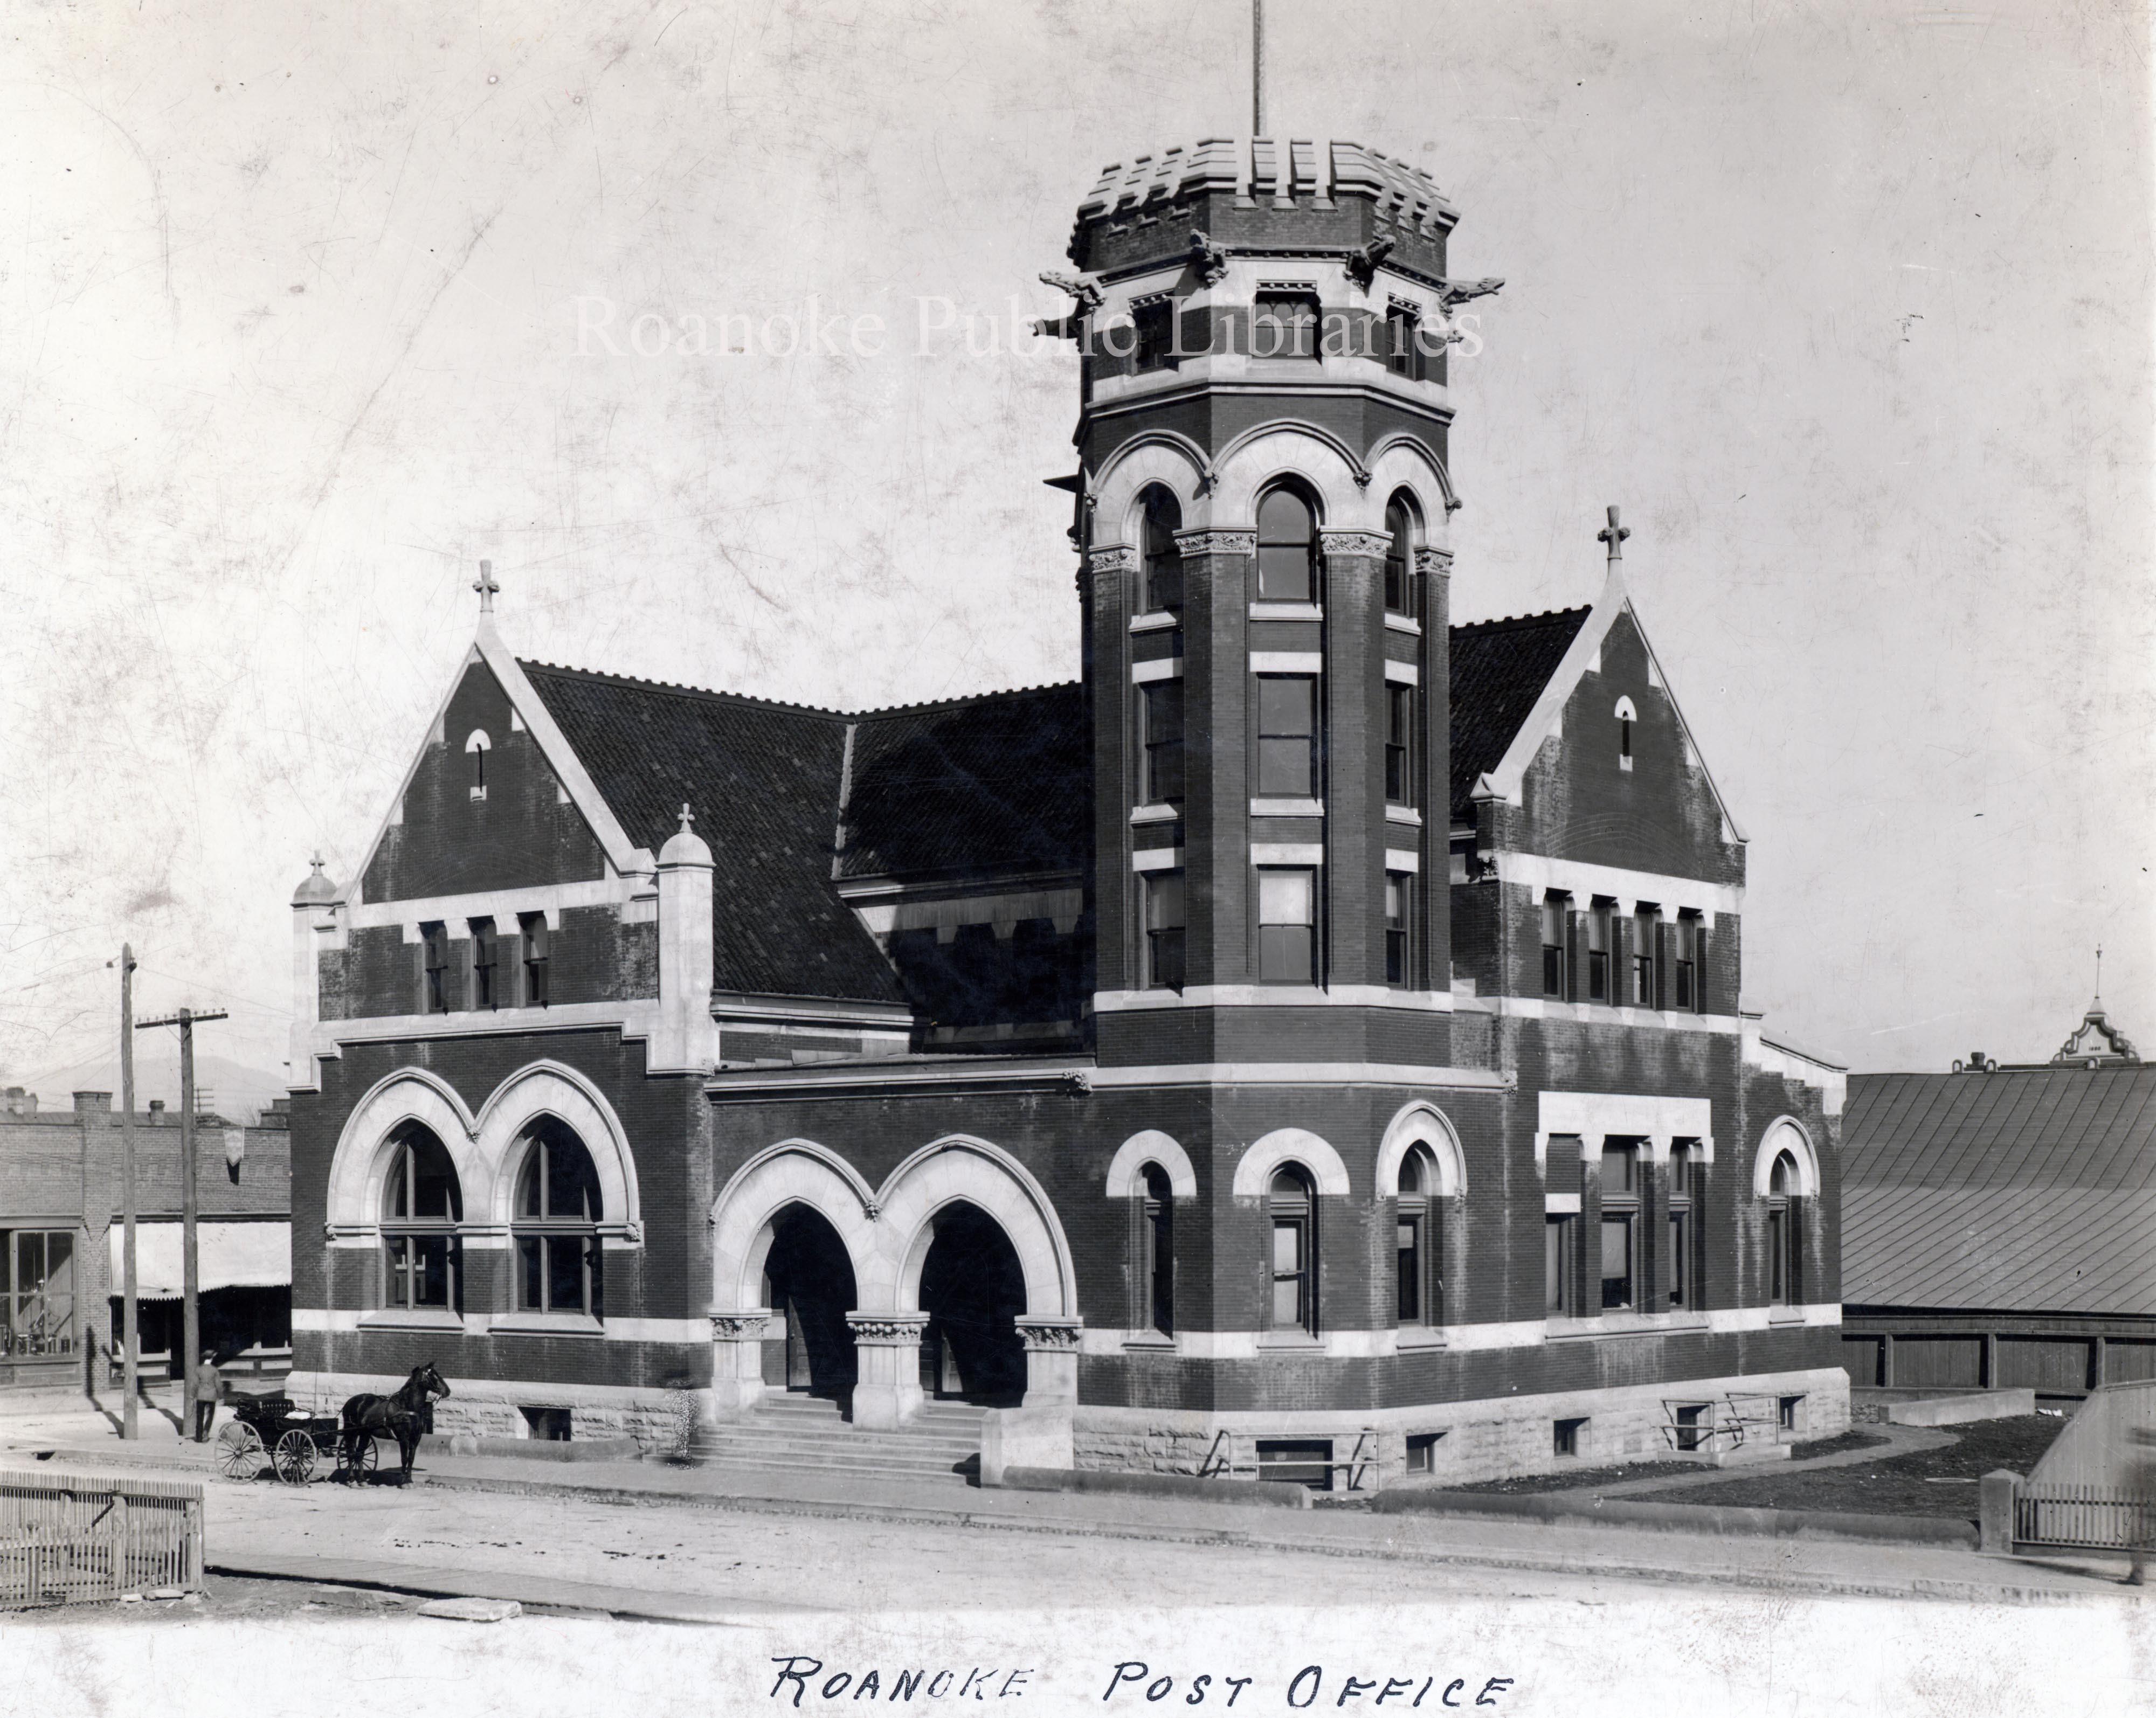 Davis 12.1 Roanoke Post Office.jpg